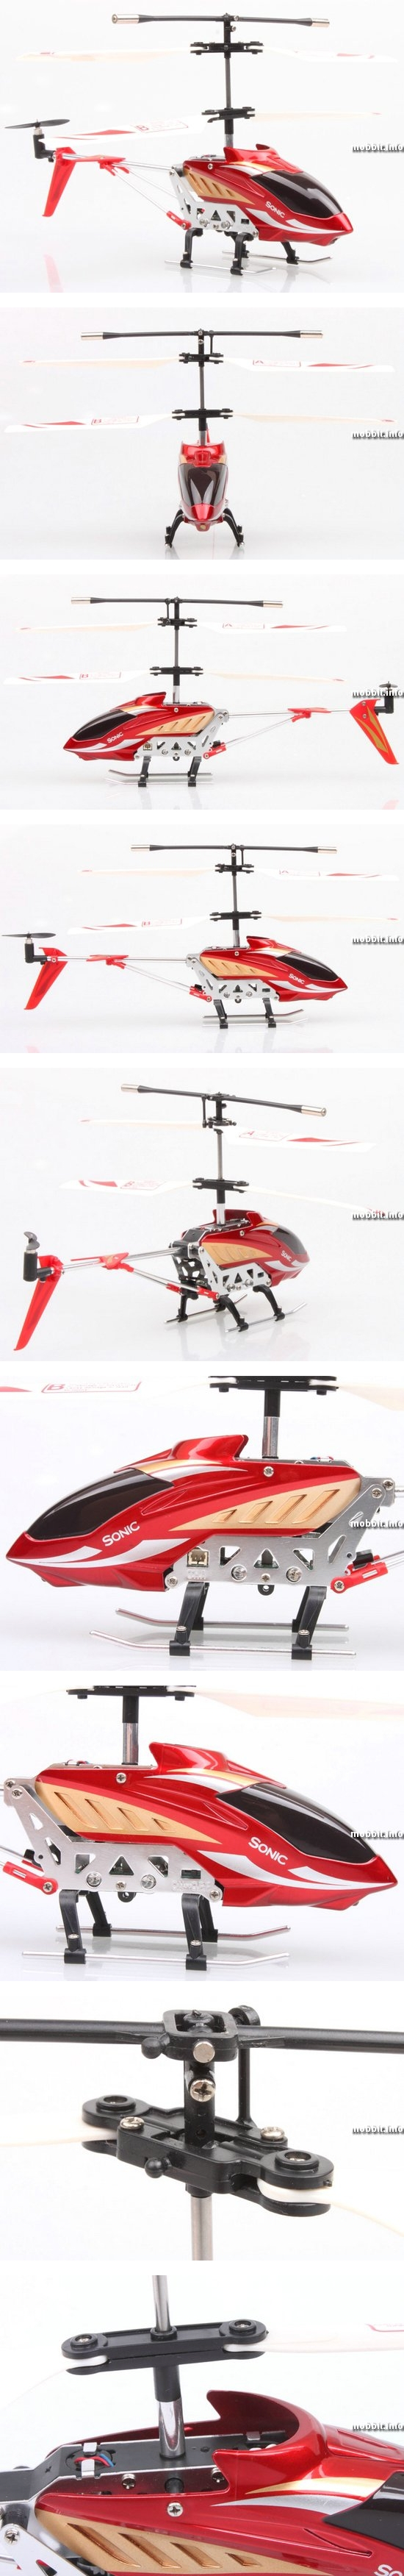 Радиоуправляемый вертолет Sonic